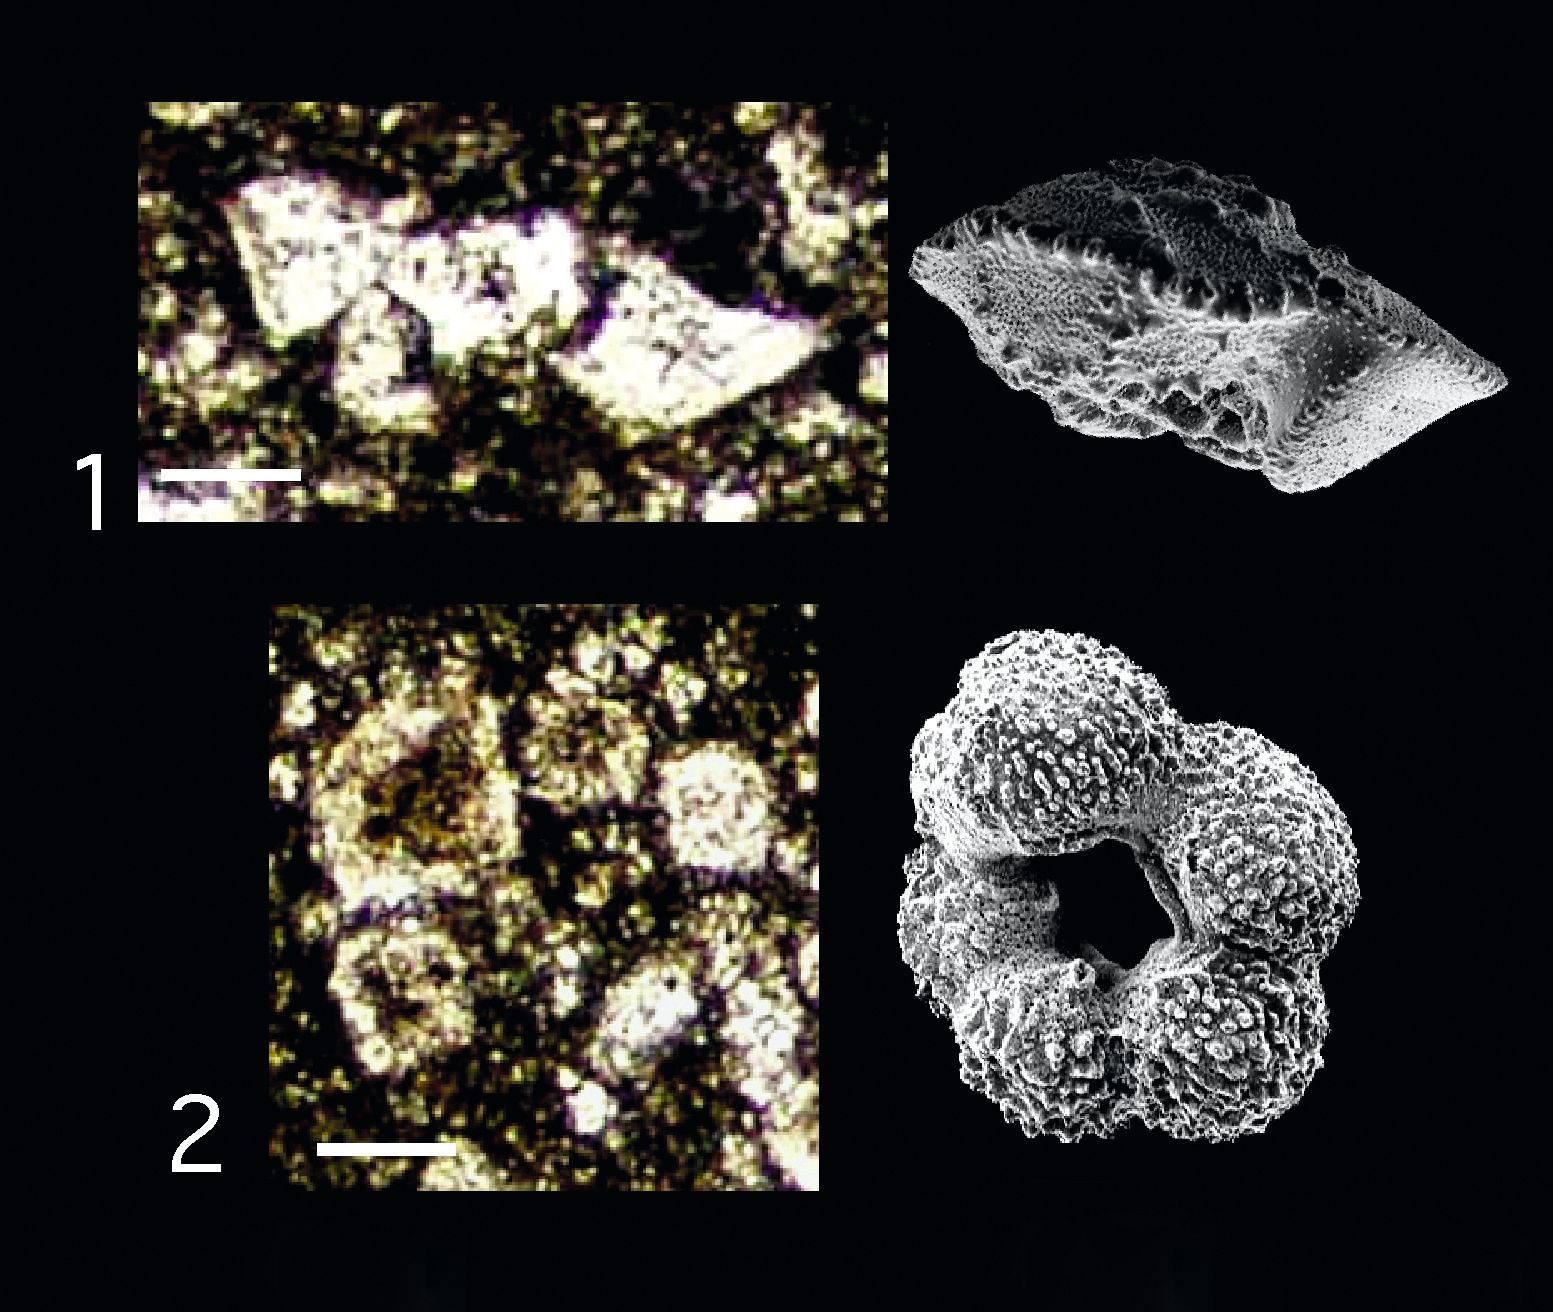 Détermination de la présence de foraminifères planctoniques dans des sédiments de la fin du Crétacé et du début du Paléocène au Mexique